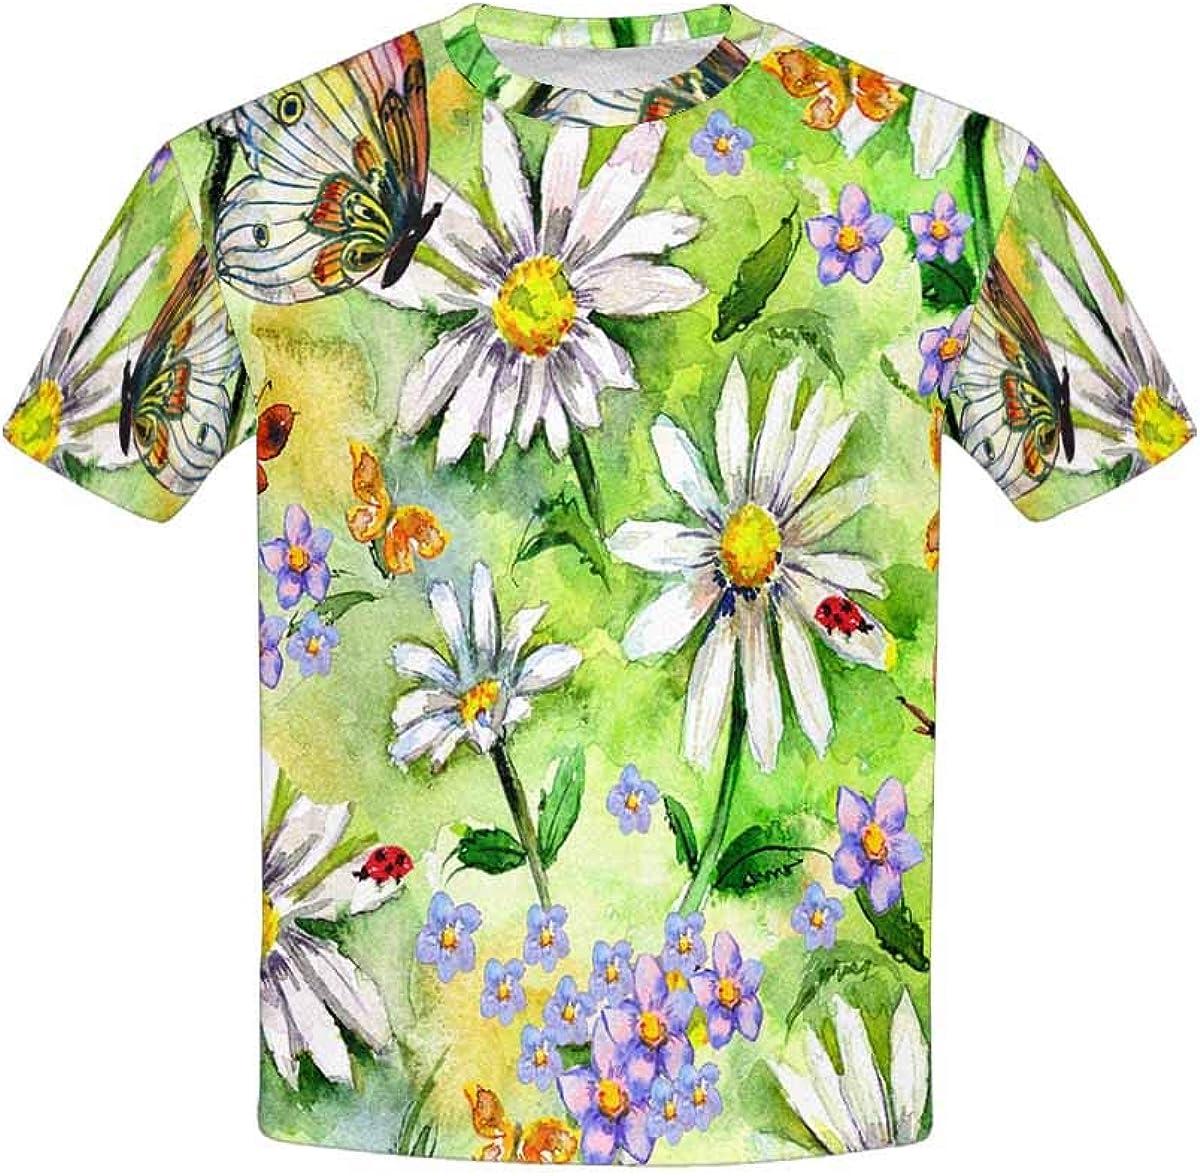 XS-XL INTERESTPRINT Kids T-Shirt